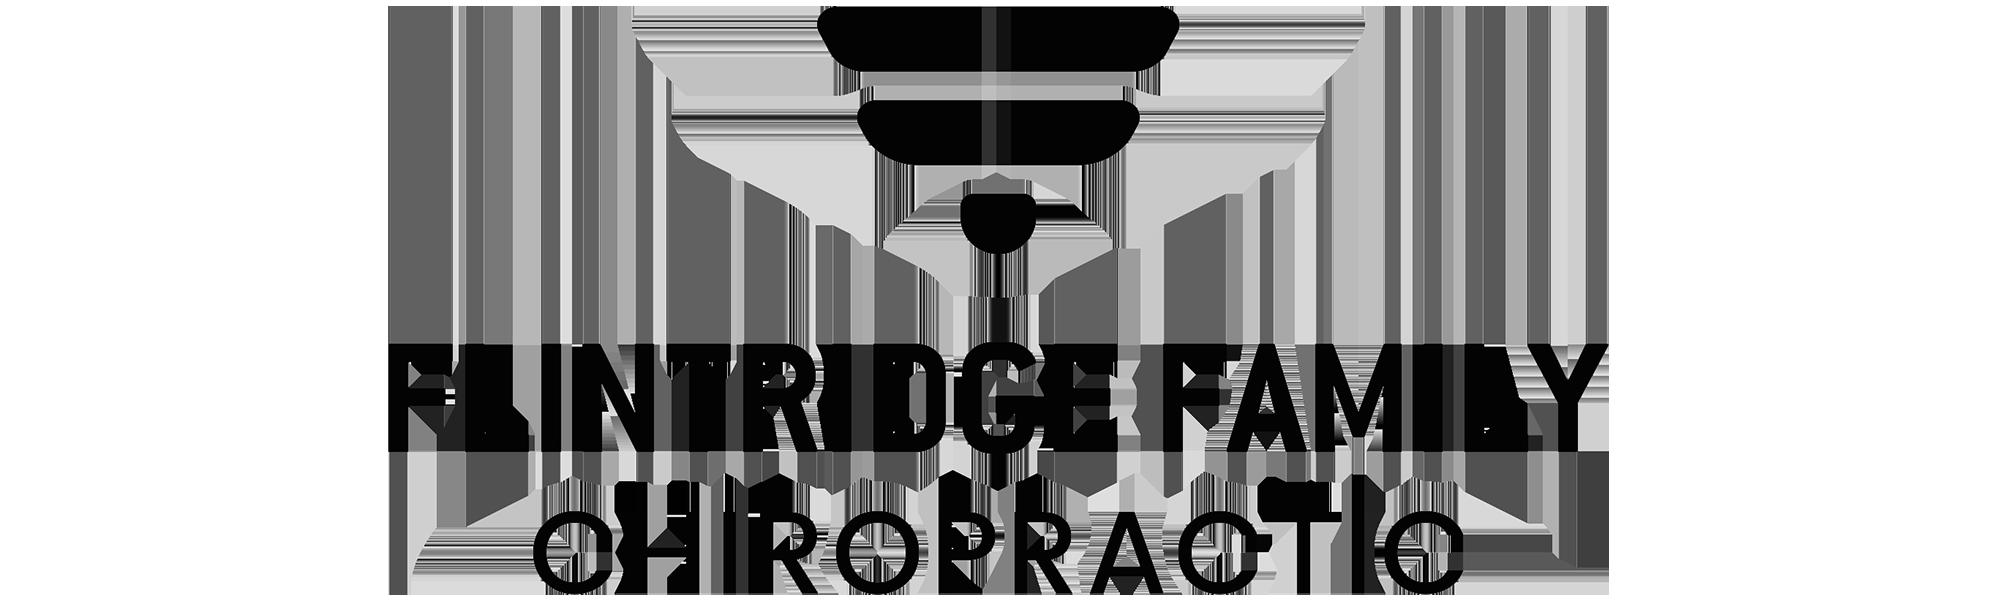 Flintridge Chiropractic